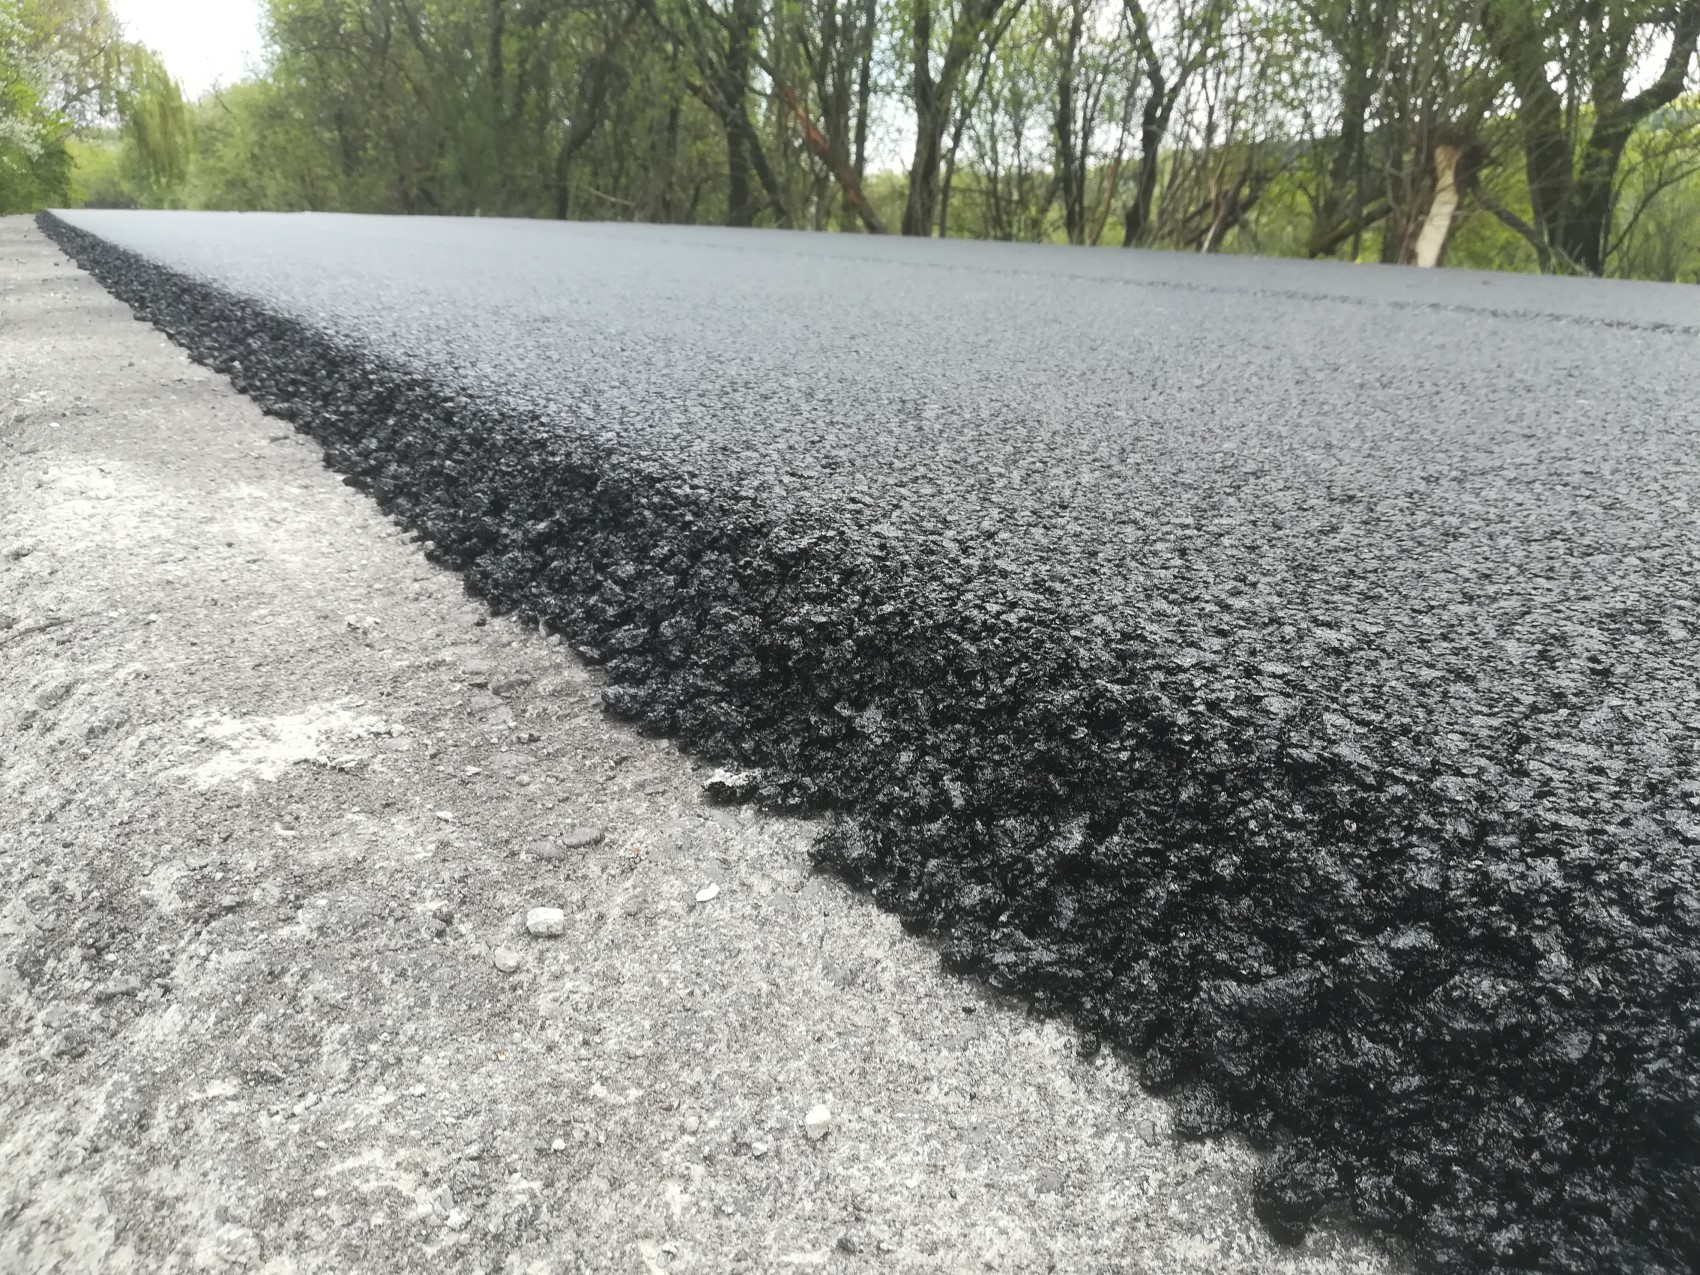 Primarul municipiului Bistriţa vrea să cumpere staţie de asfalt modernă, cu capacitate de până la 60 tone pe oră